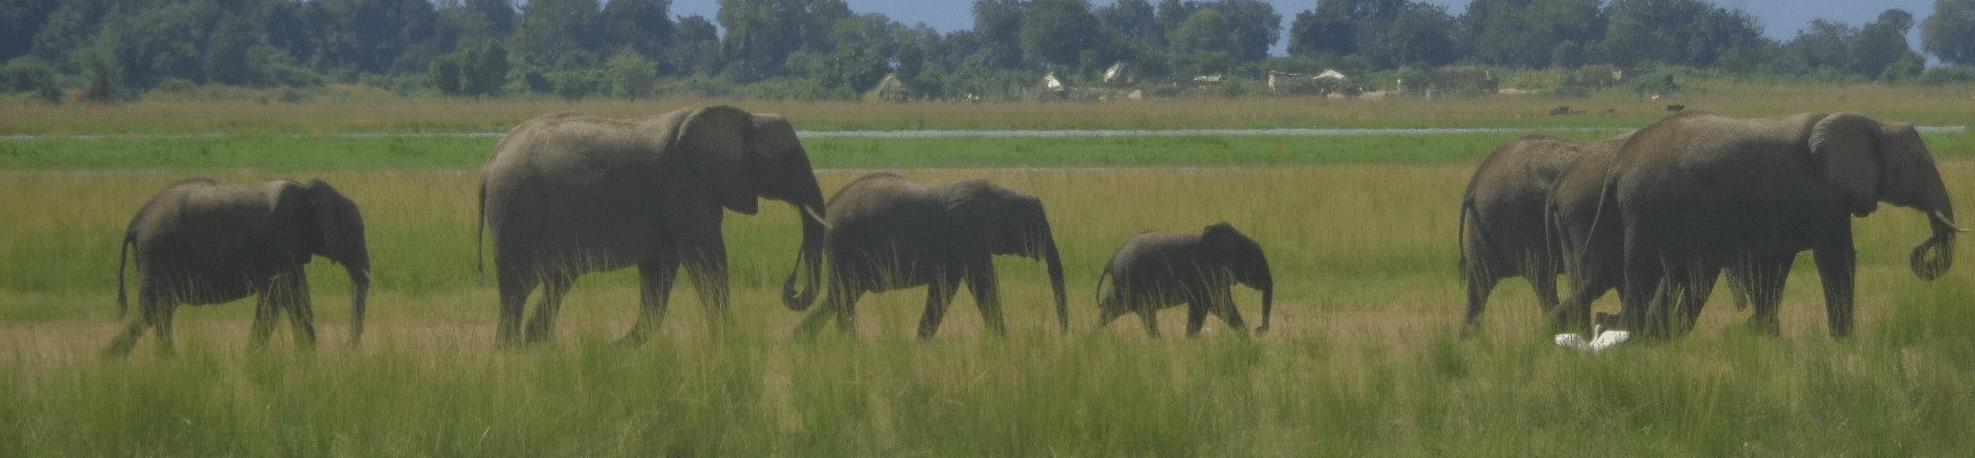 Kruger National Park - Top South African Destinations